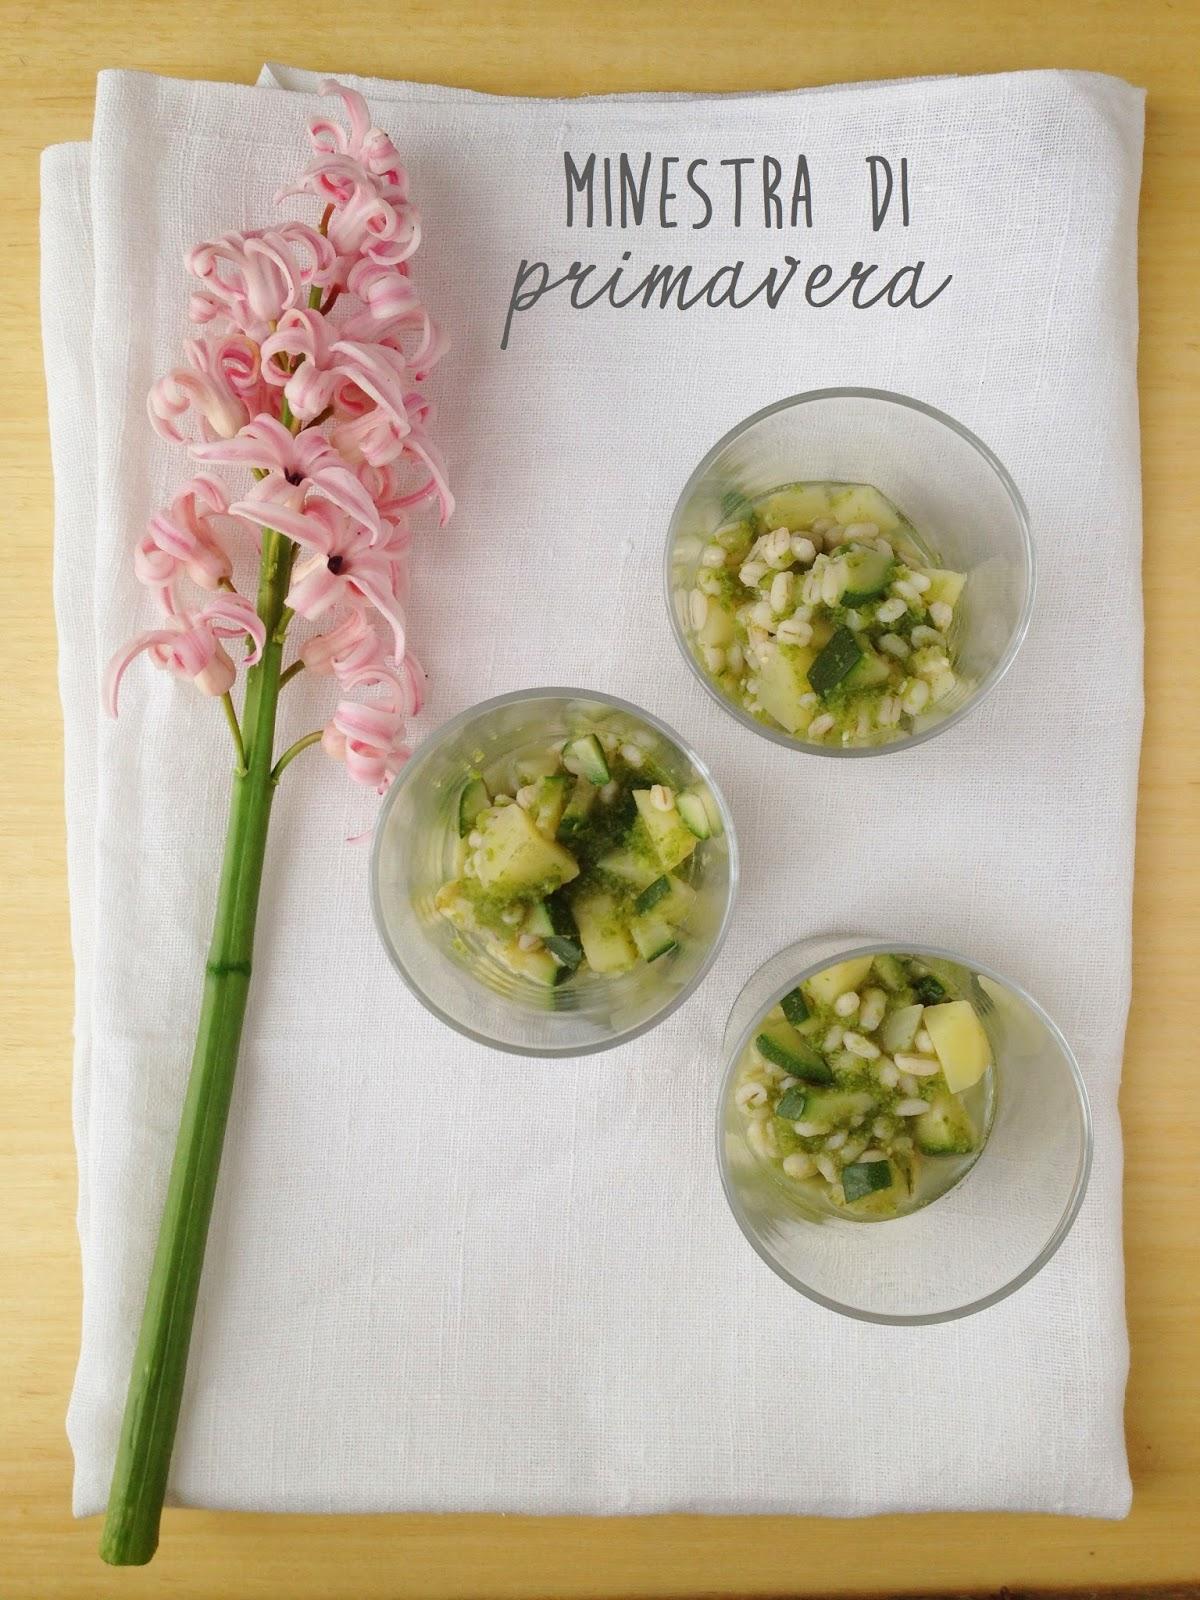 Minestra di primavera con orzo, sedano e zucchine